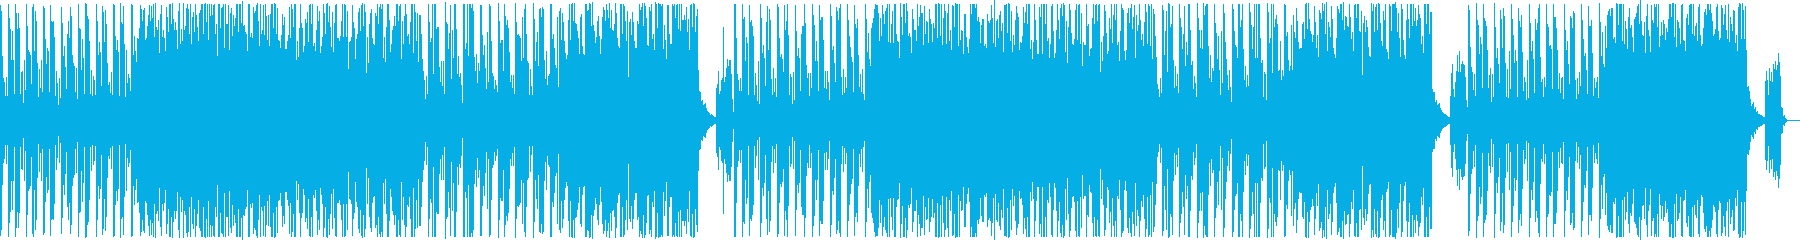 ポップで可愛いテクノミュージックの再生済みの波形